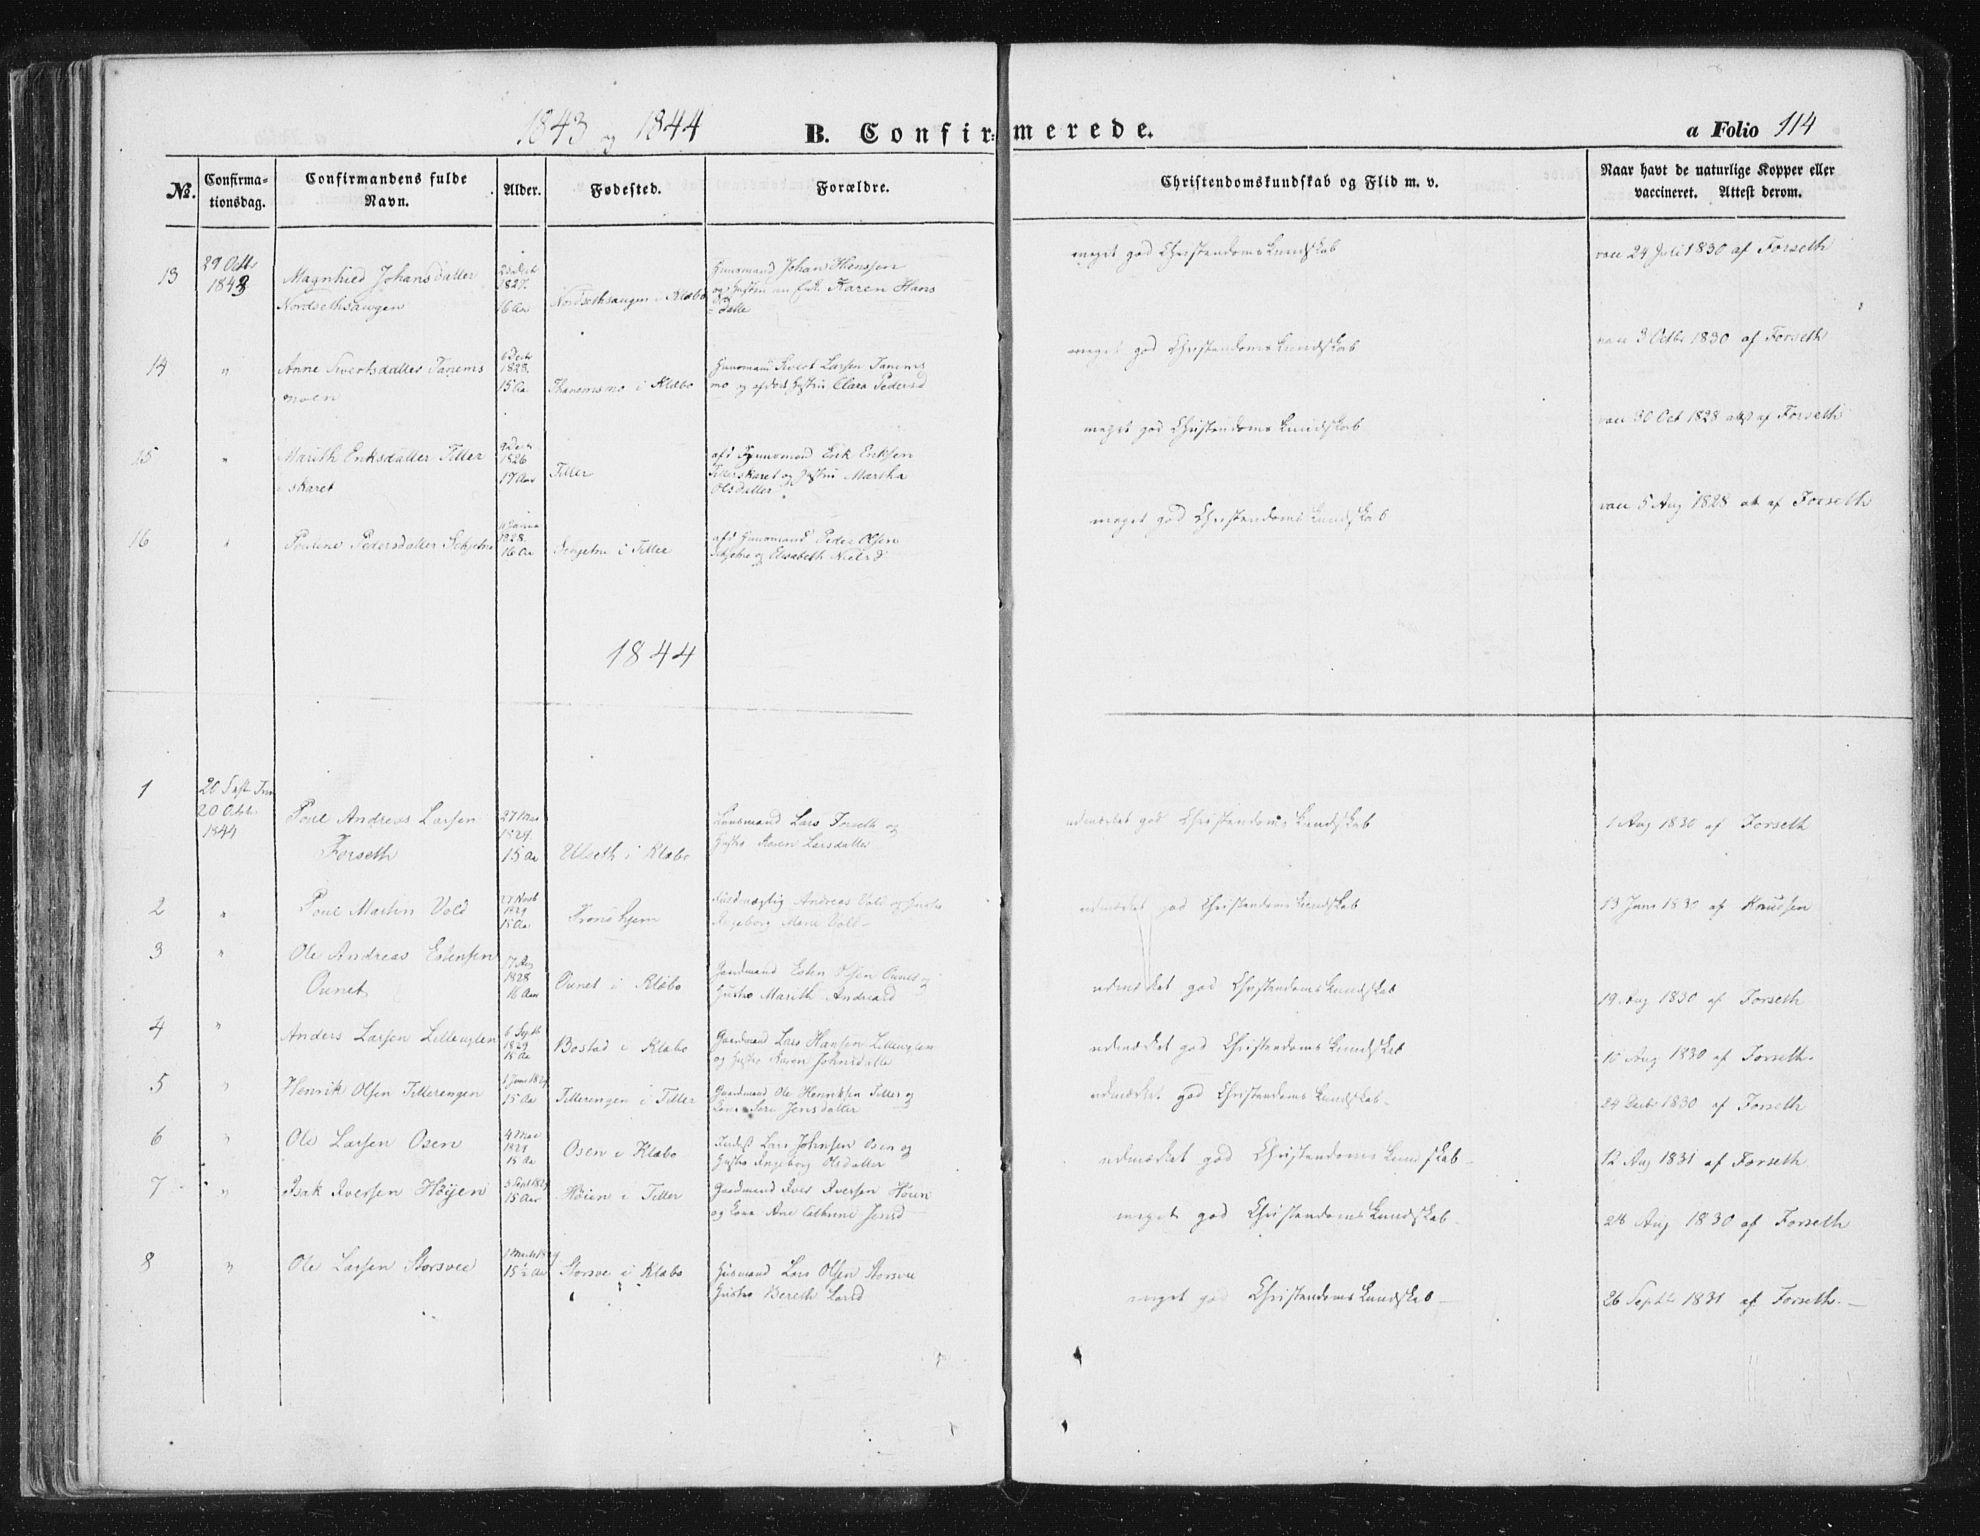 SAT, Ministerialprotokoller, klokkerbøker og fødselsregistre - Sør-Trøndelag, 618/L0441: Ministerialbok nr. 618A05, 1843-1862, s. 114